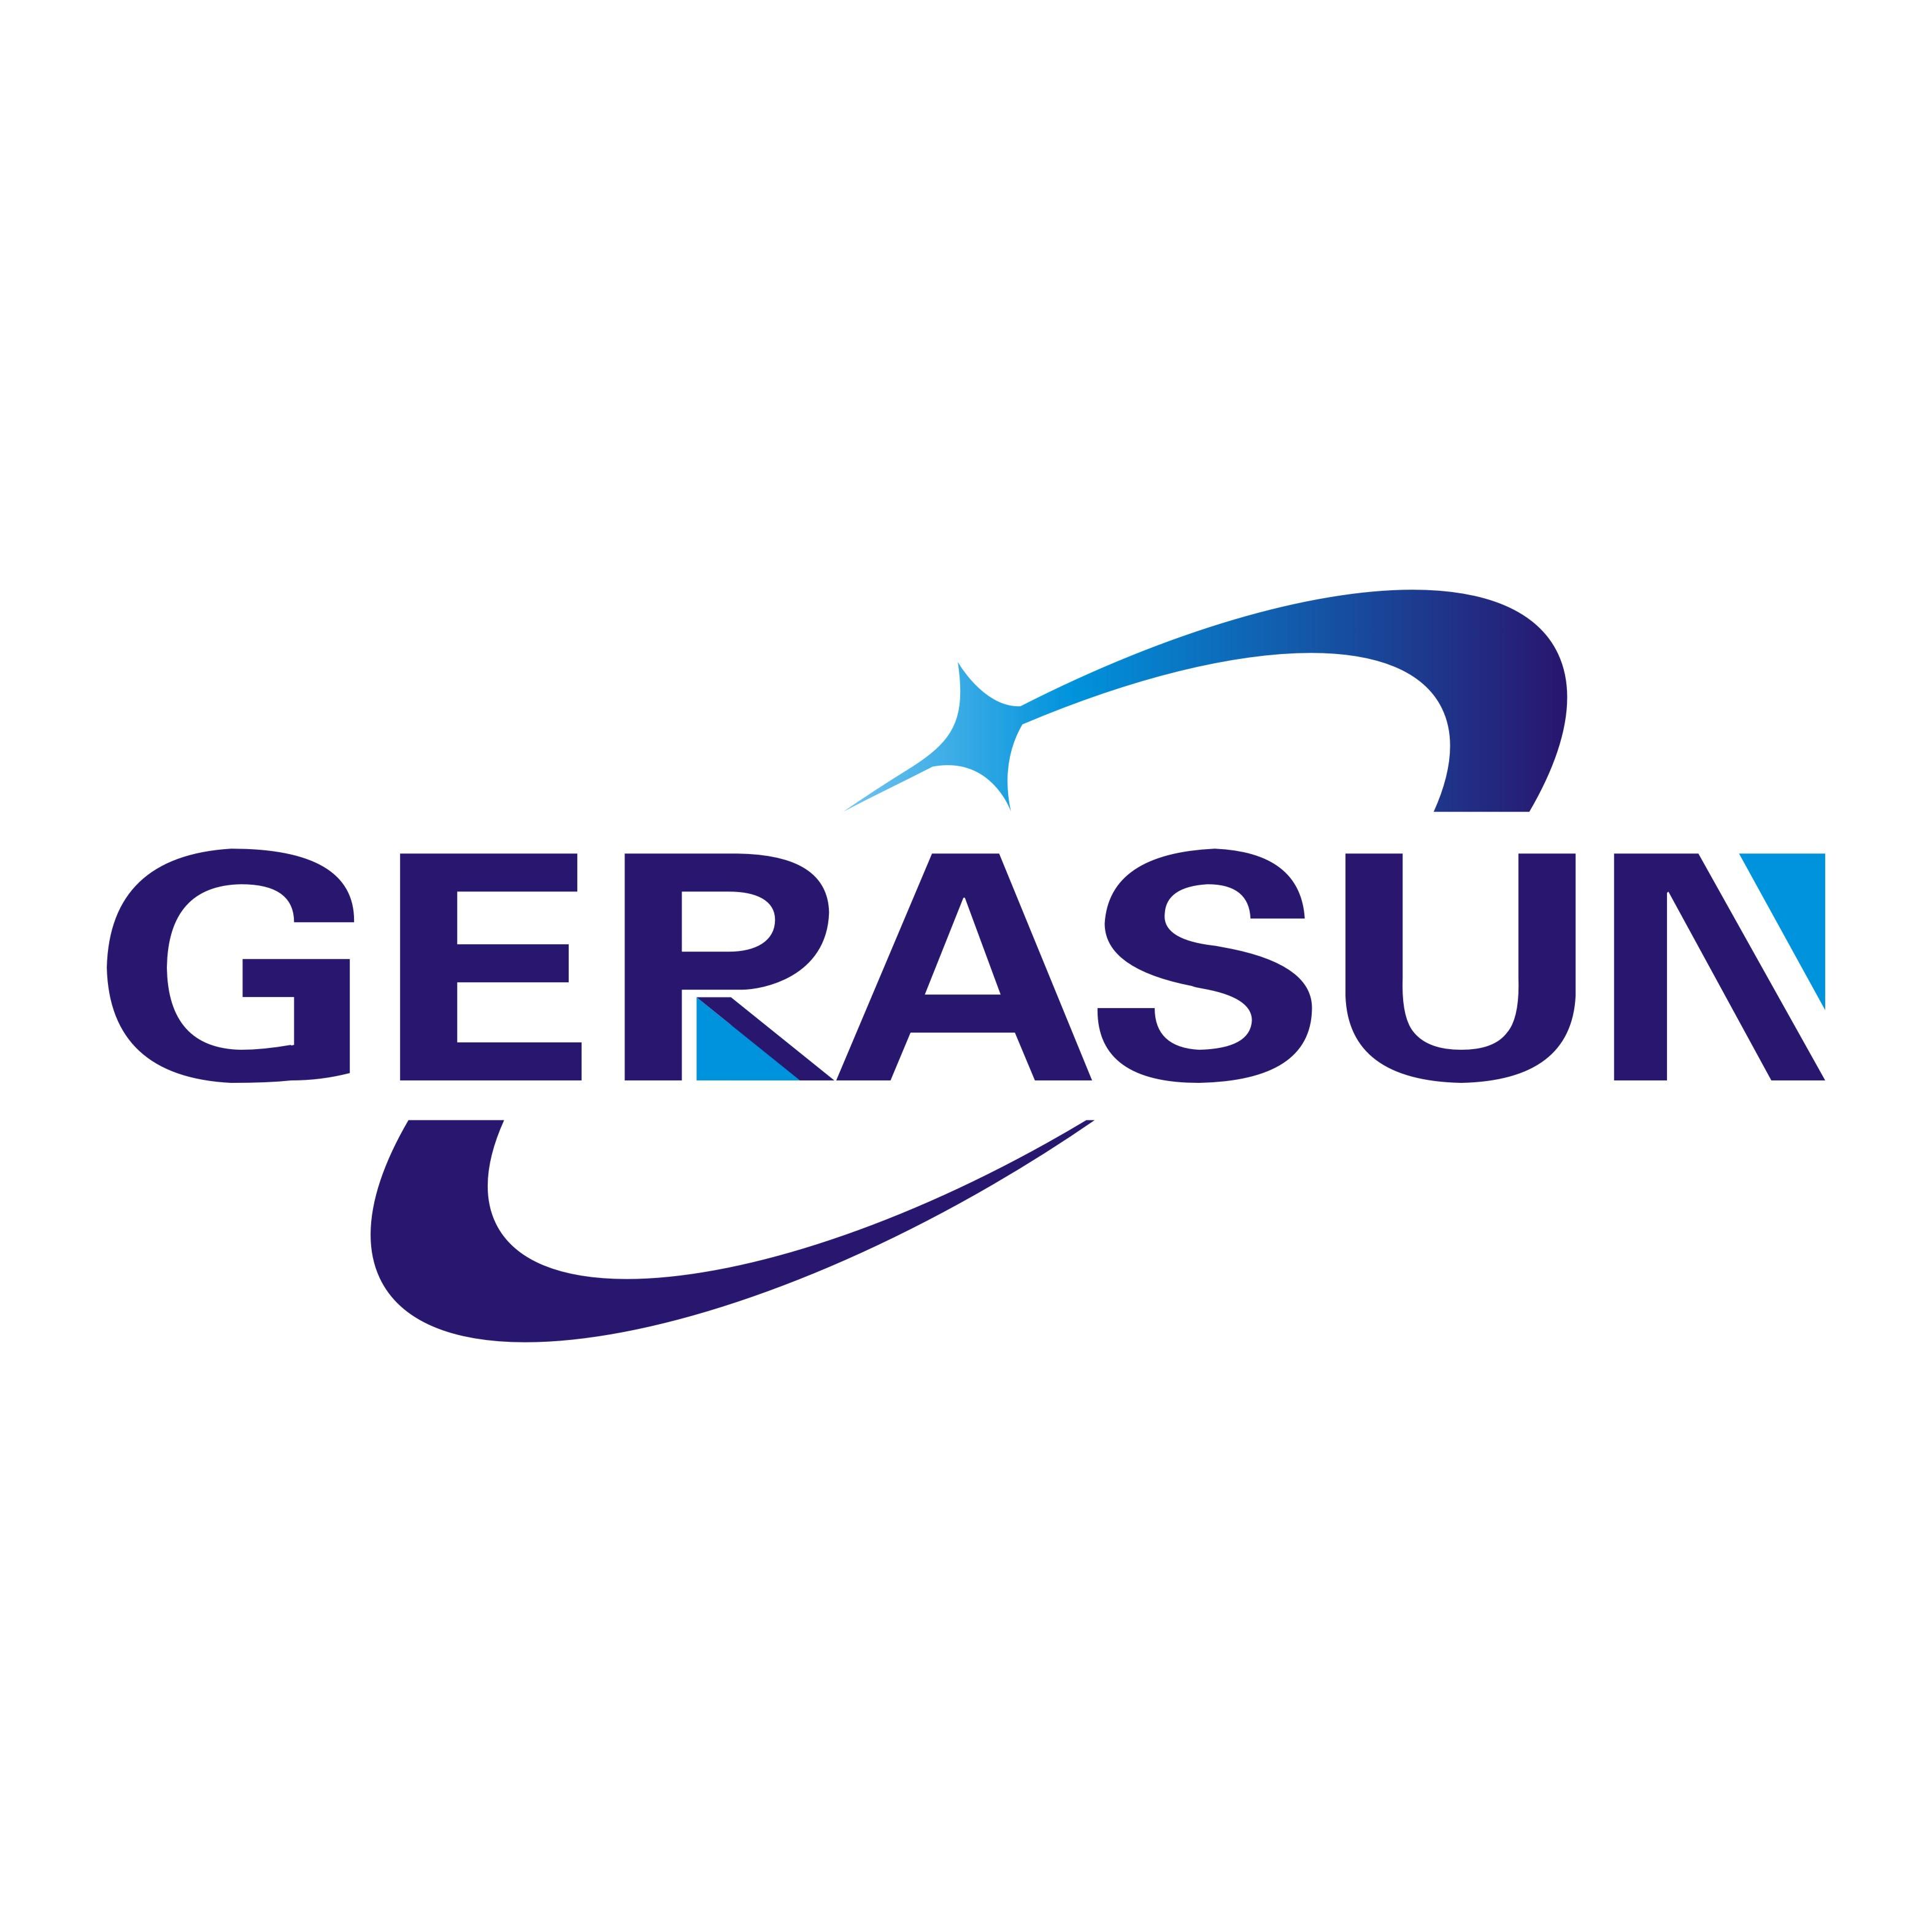 logo logo 标志 设计 矢量 矢量图 素材 图标 3149_3149